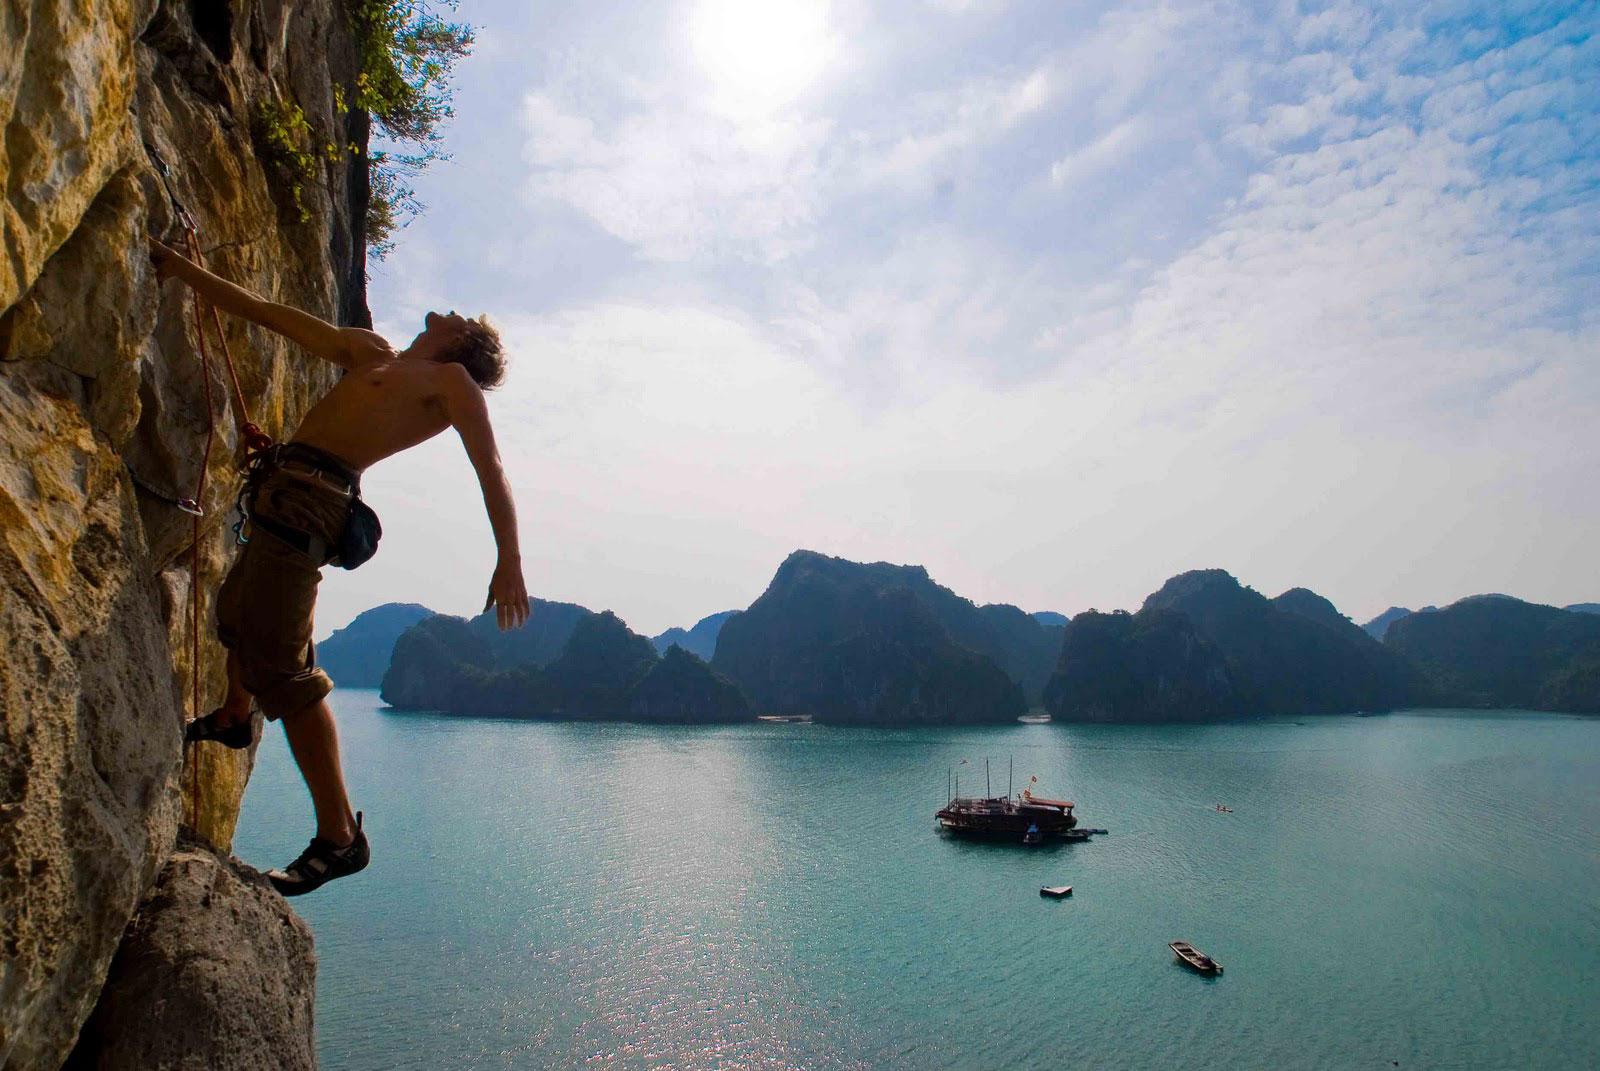 Chiêm ngưỡng cảnh sắc thiên nhiên kì vĩ tại vịnh Lan Hạ, Hải Phòng - Ảnh 11.